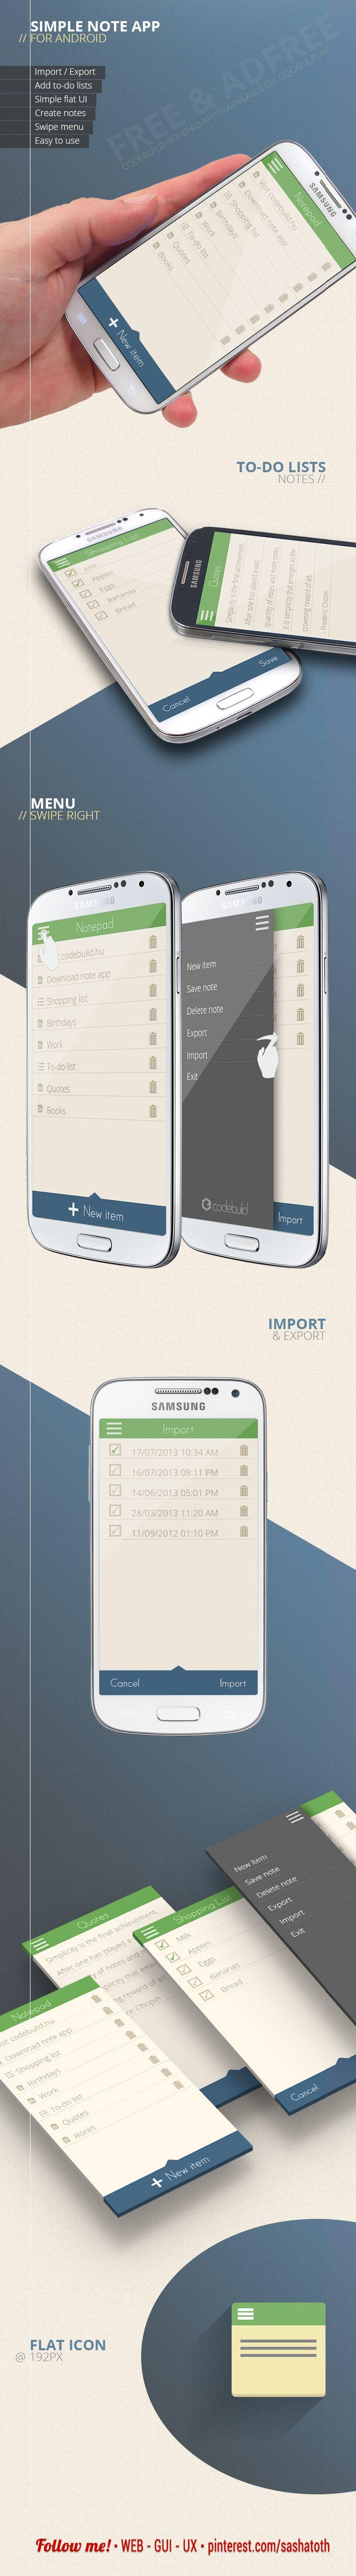 Categoria: 1 / Tags: ui, app, android, gui / Descrição: Referência de interface.